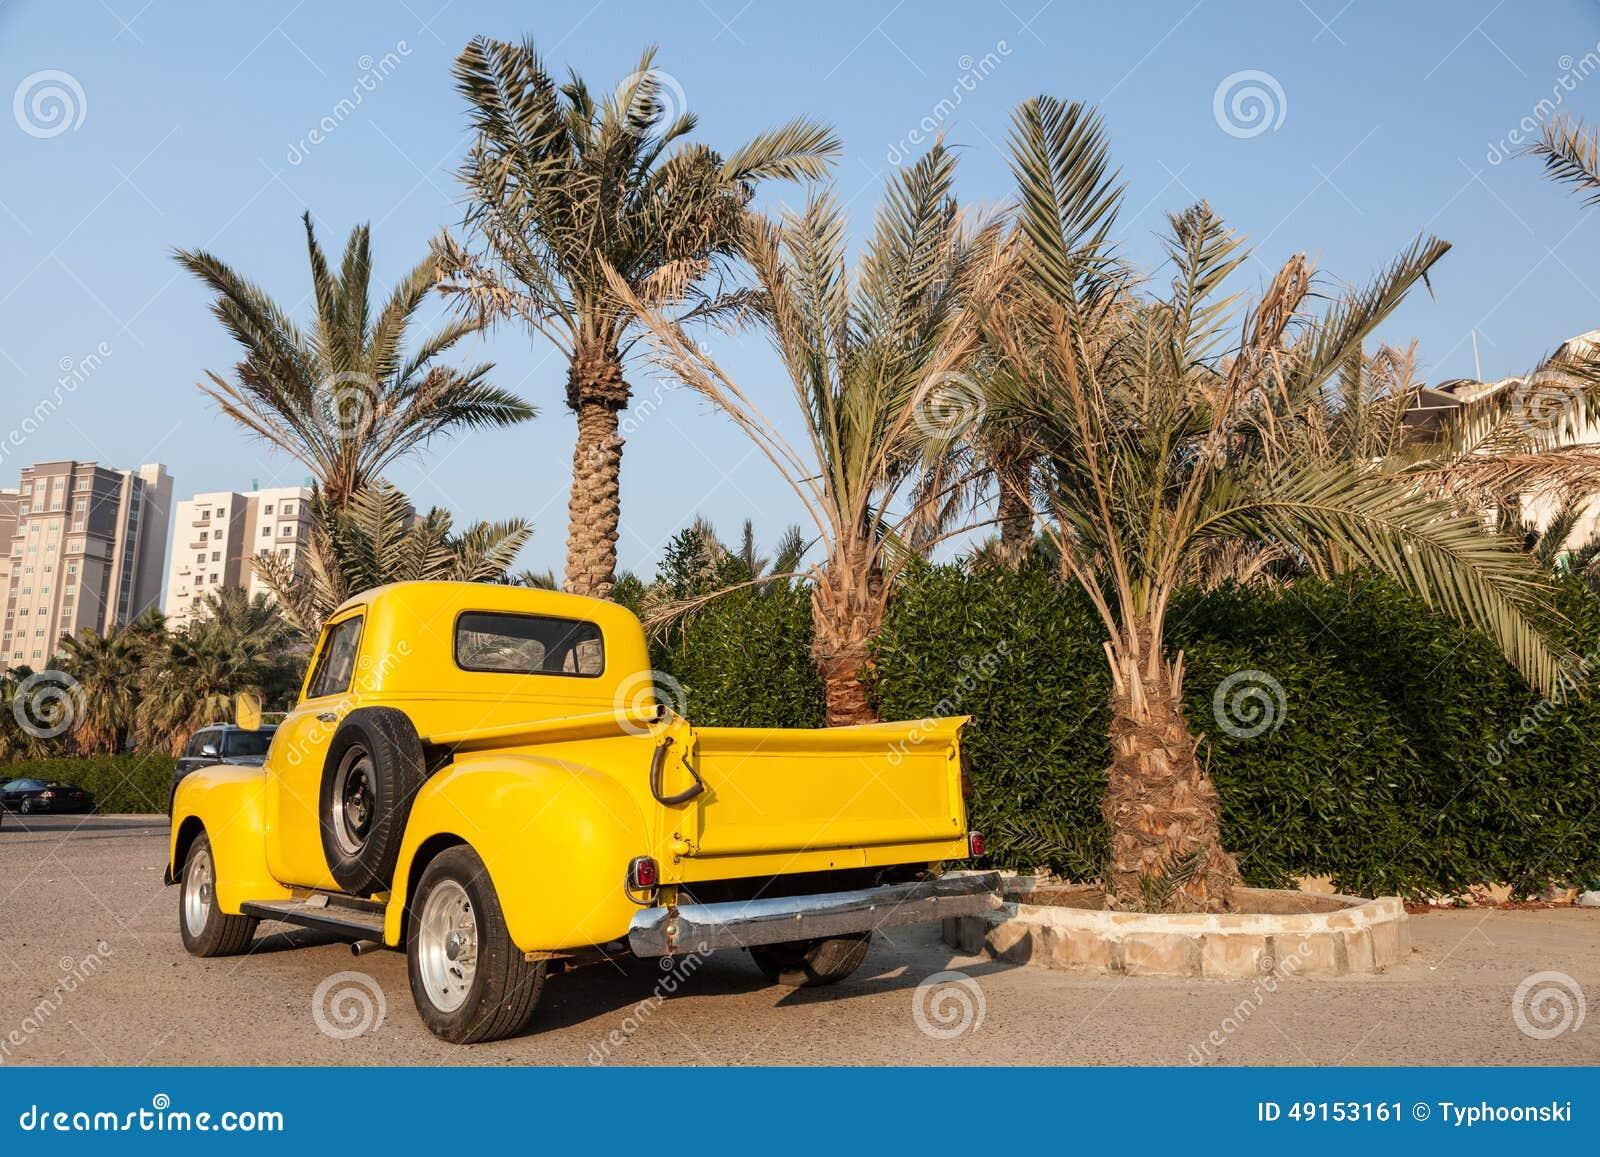 经典的黄色小�9`��l$yi���oy�z`���-��_经典黄色雪佛兰卡车在棕榈树下.